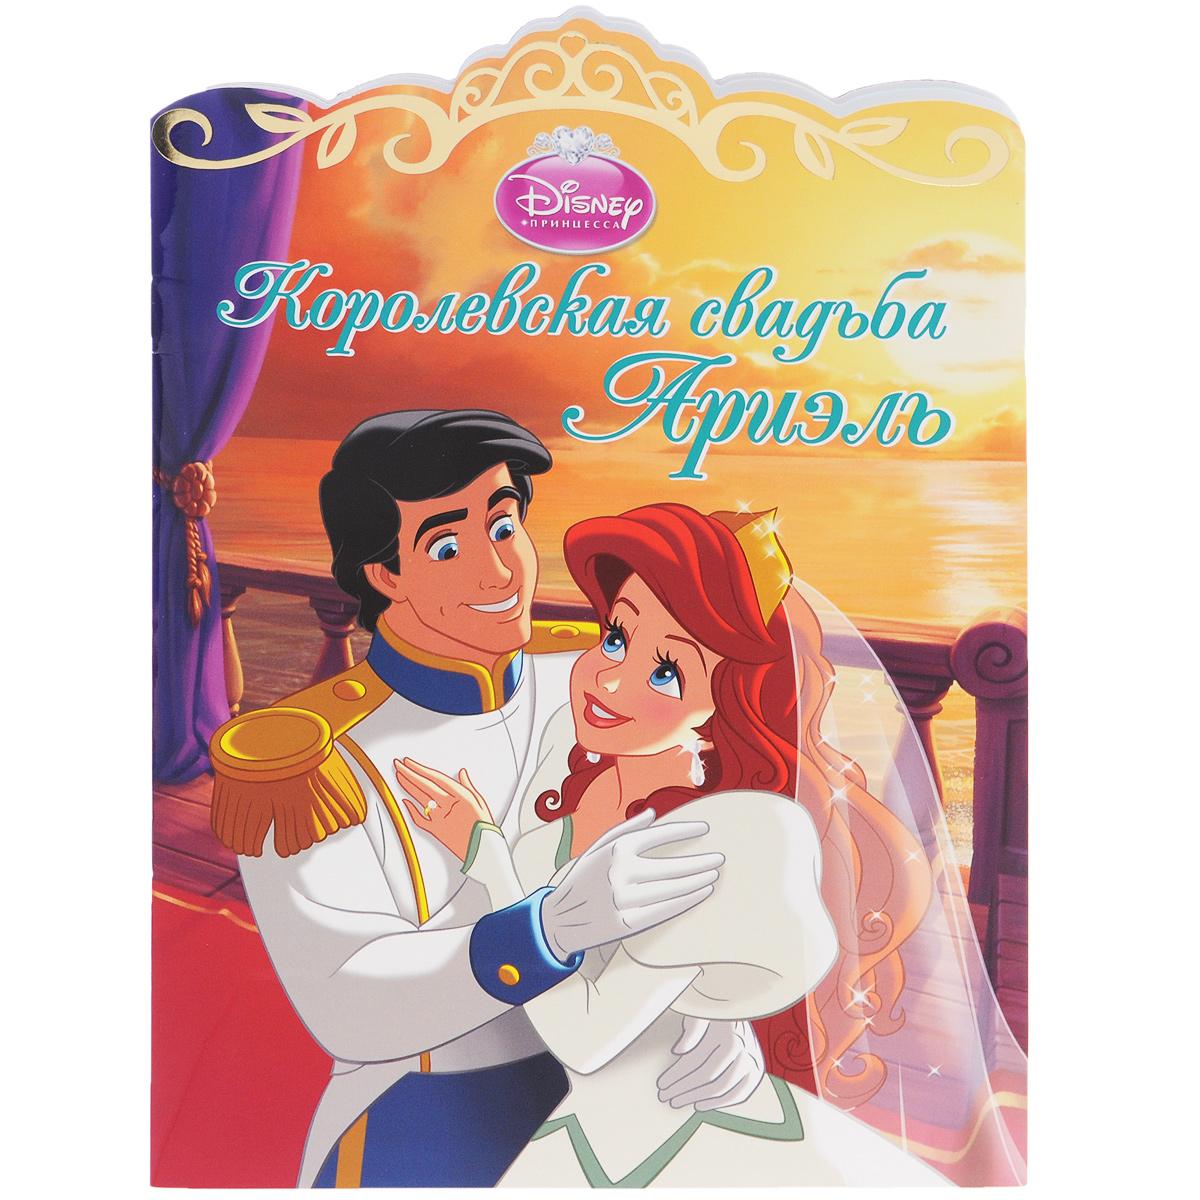 Королевская свадьба Ариэль